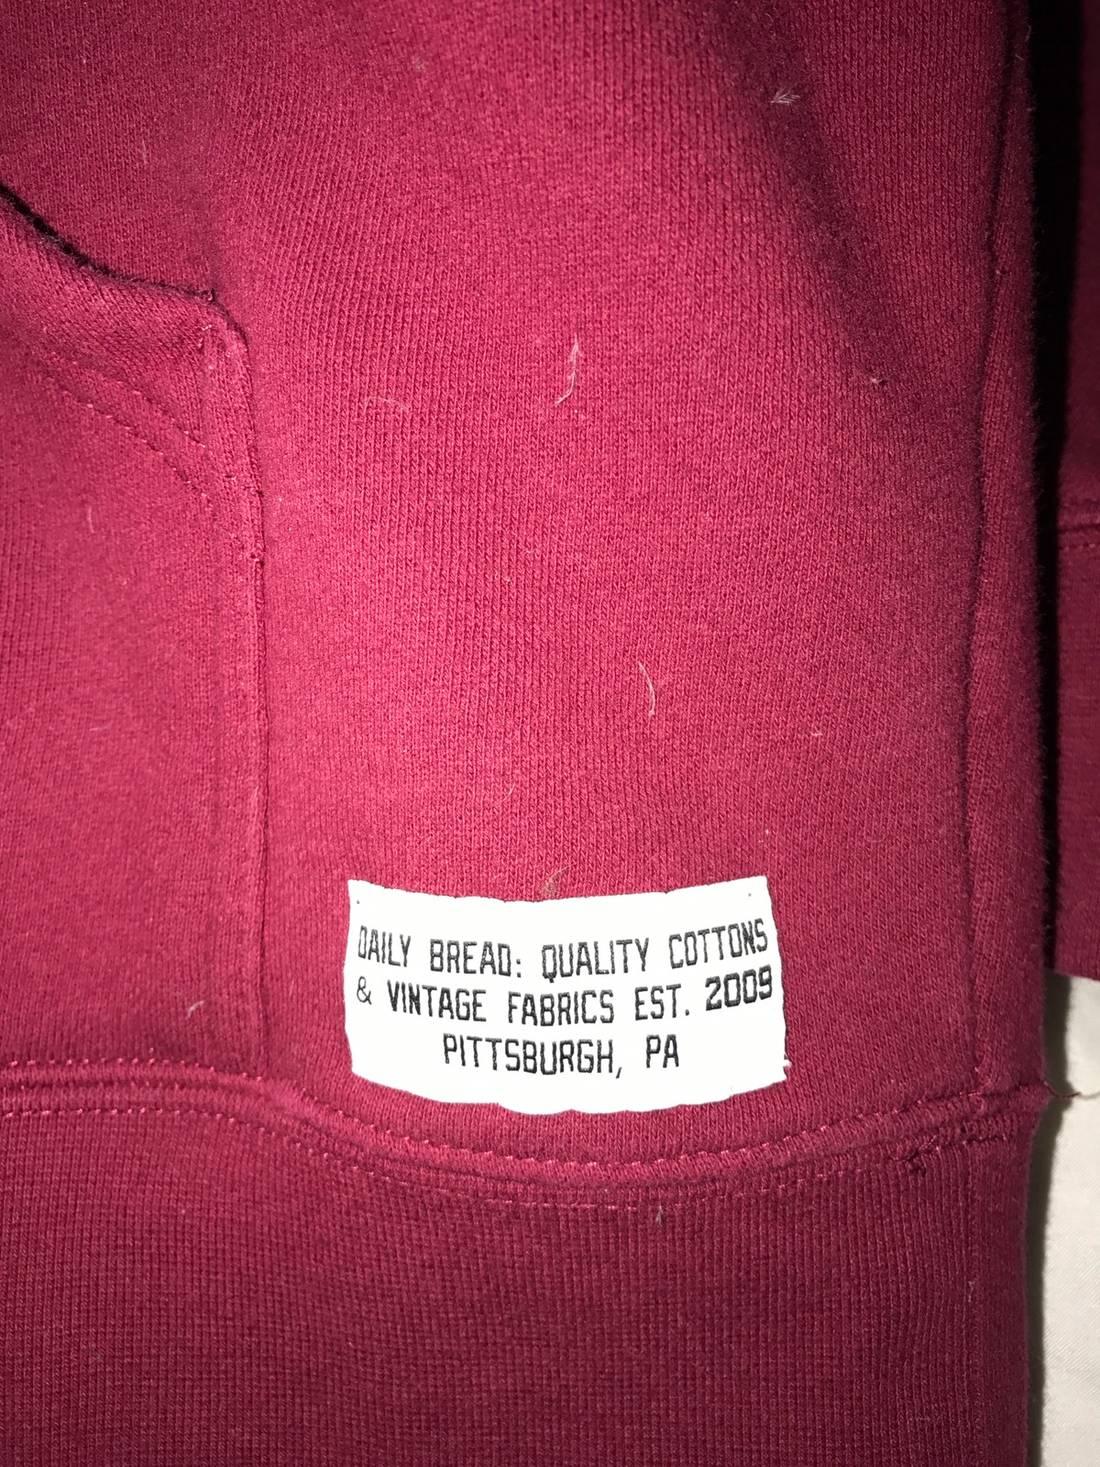 Mac Miller Overalls